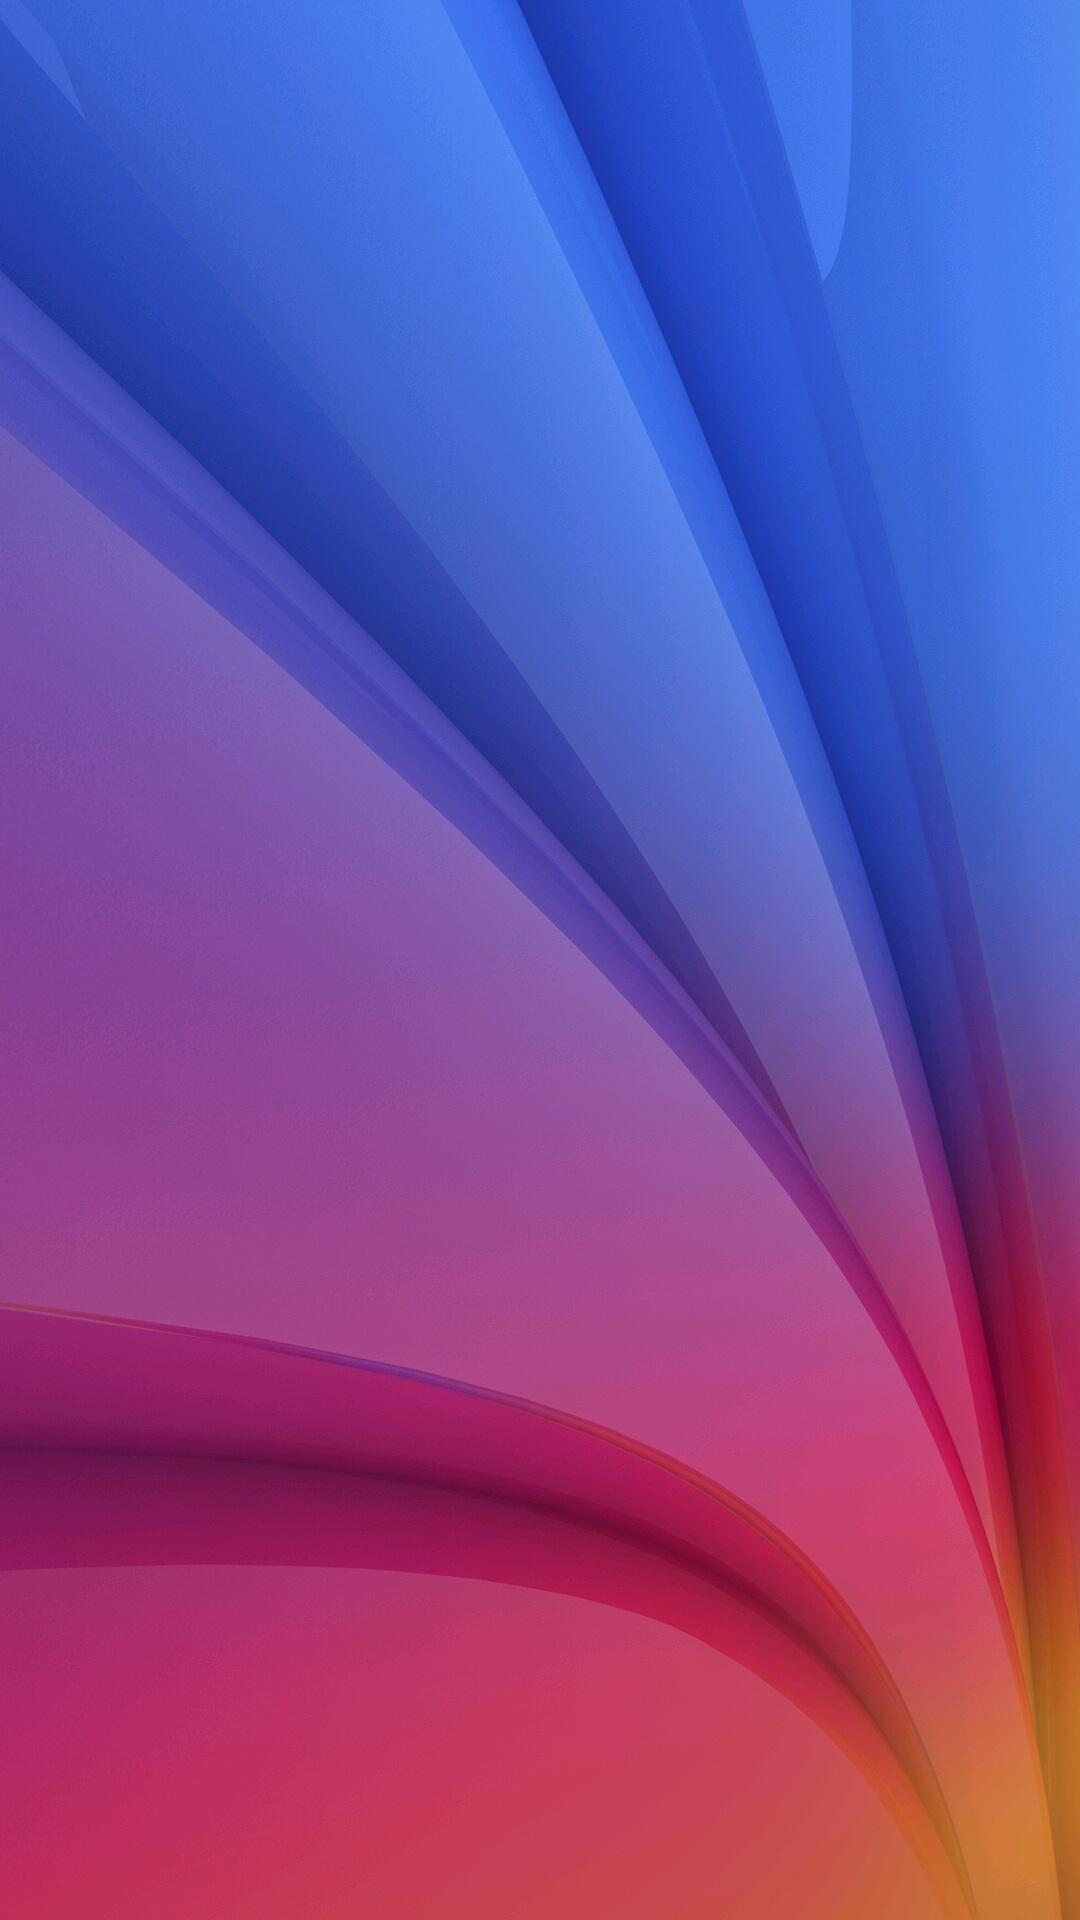 求助:谁有vivo x5pro桌面壁纸-手机主题-vivo智能手机